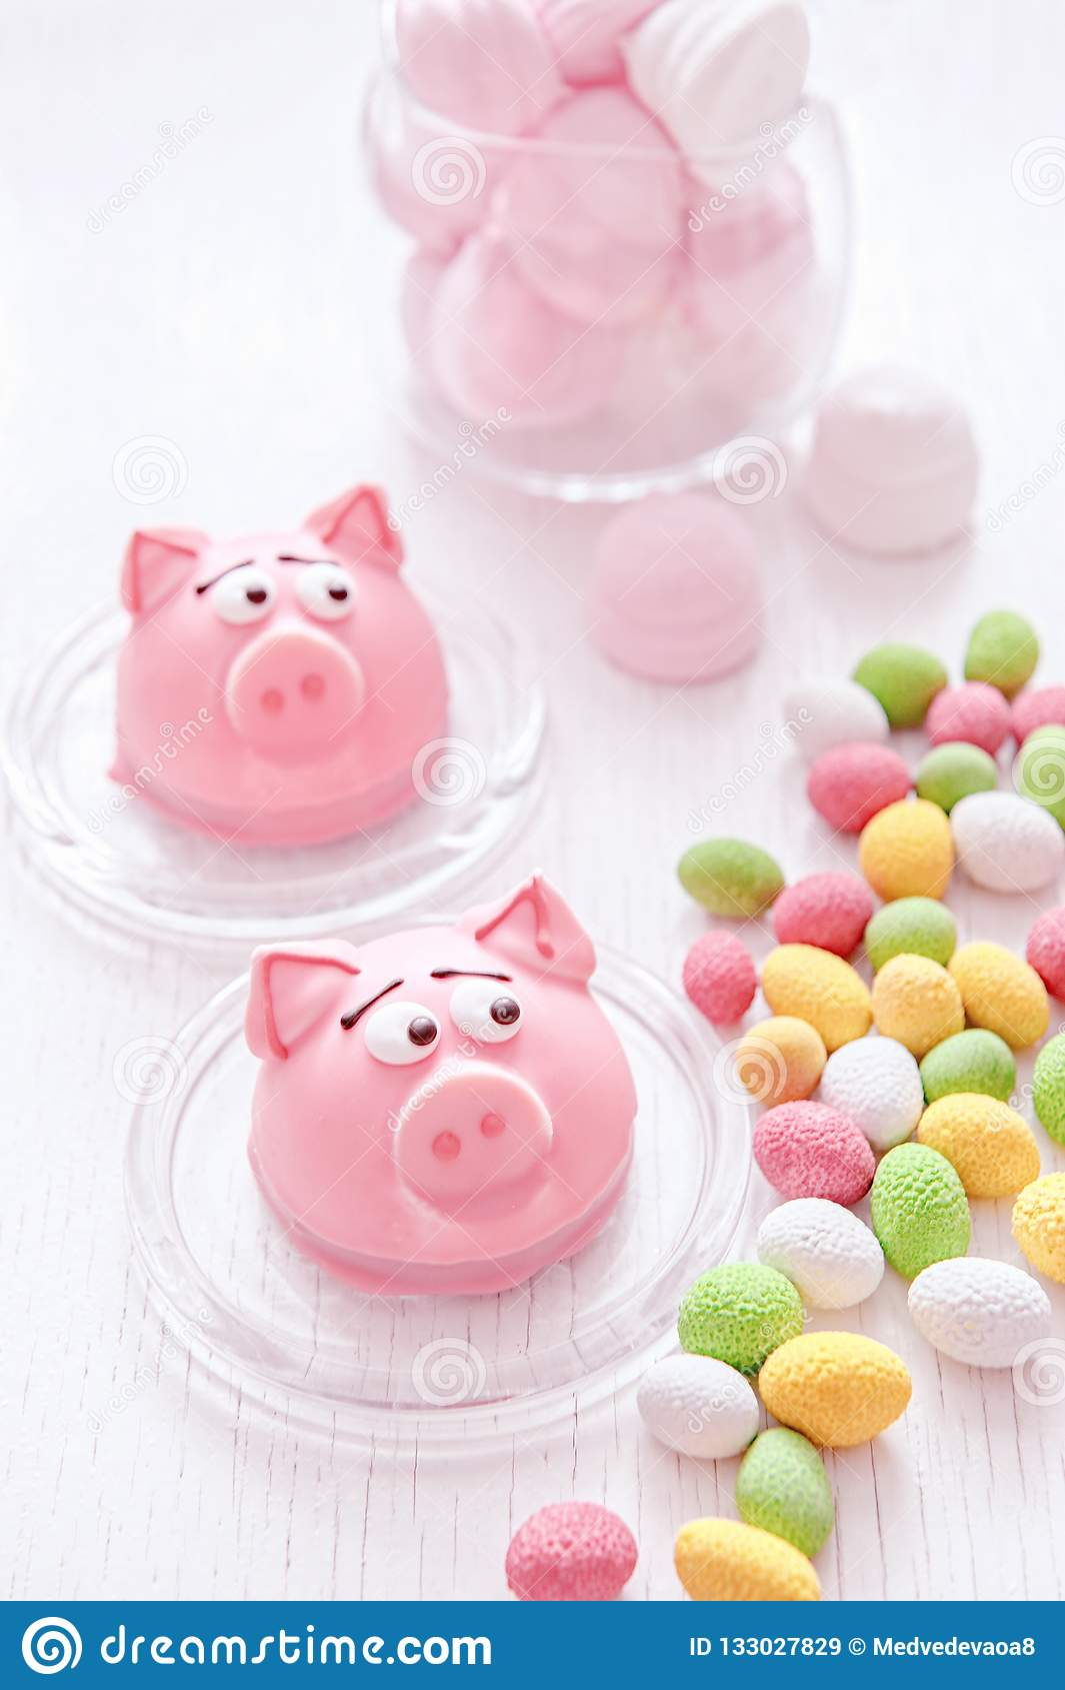 Marzipan in Form des Symbols des neuen Jahres - rosa Schwein, süße empfindliche Makronen, Eibische, Erdnüsse im Zucker